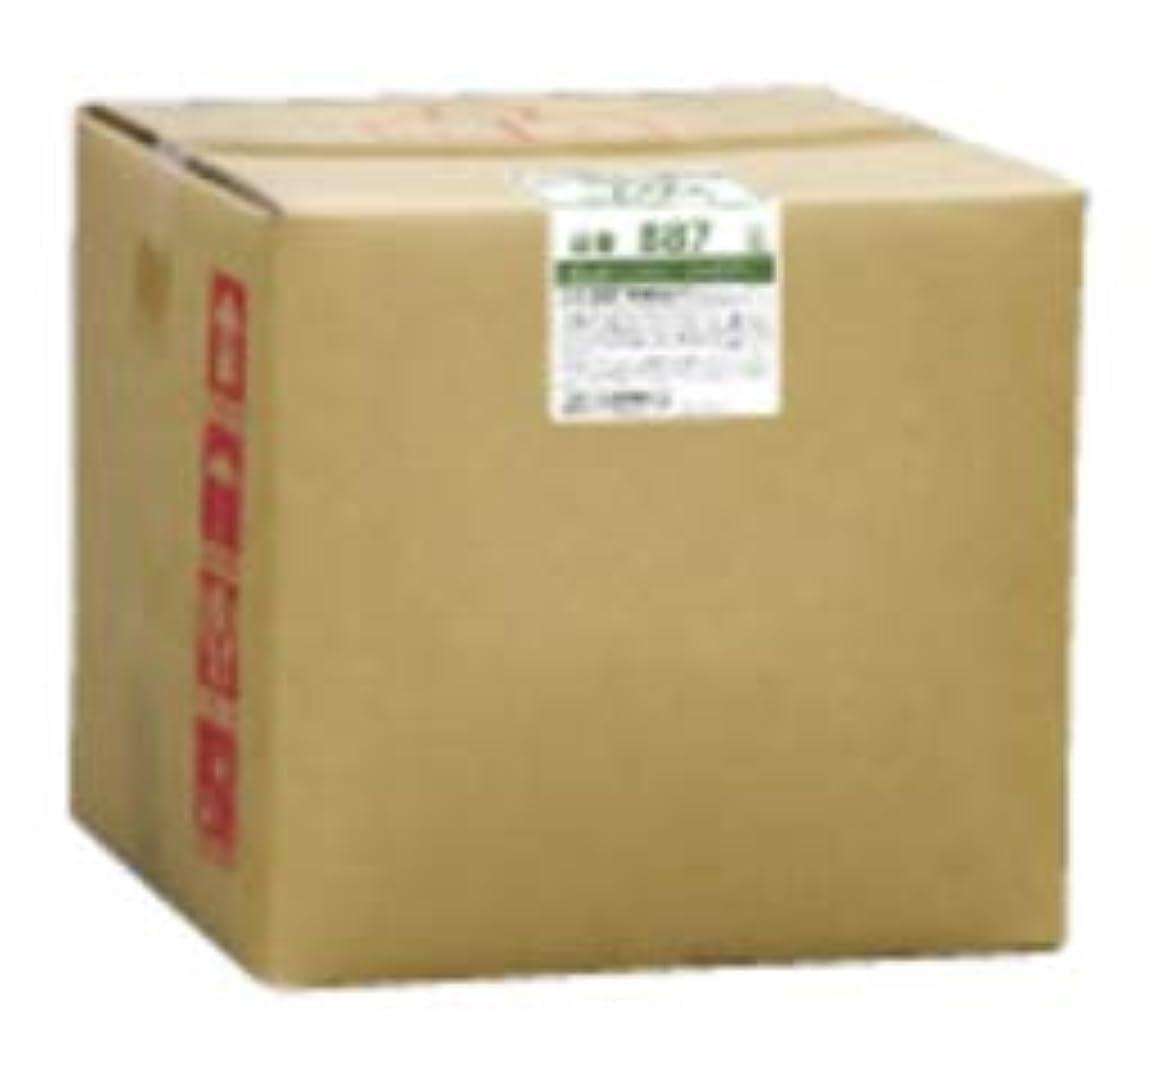 職業制裁欲望フタバ化学 スパジアス シャンプー 18L 詰め替え 800ml専用空容器付 黒糖と蜂蜜